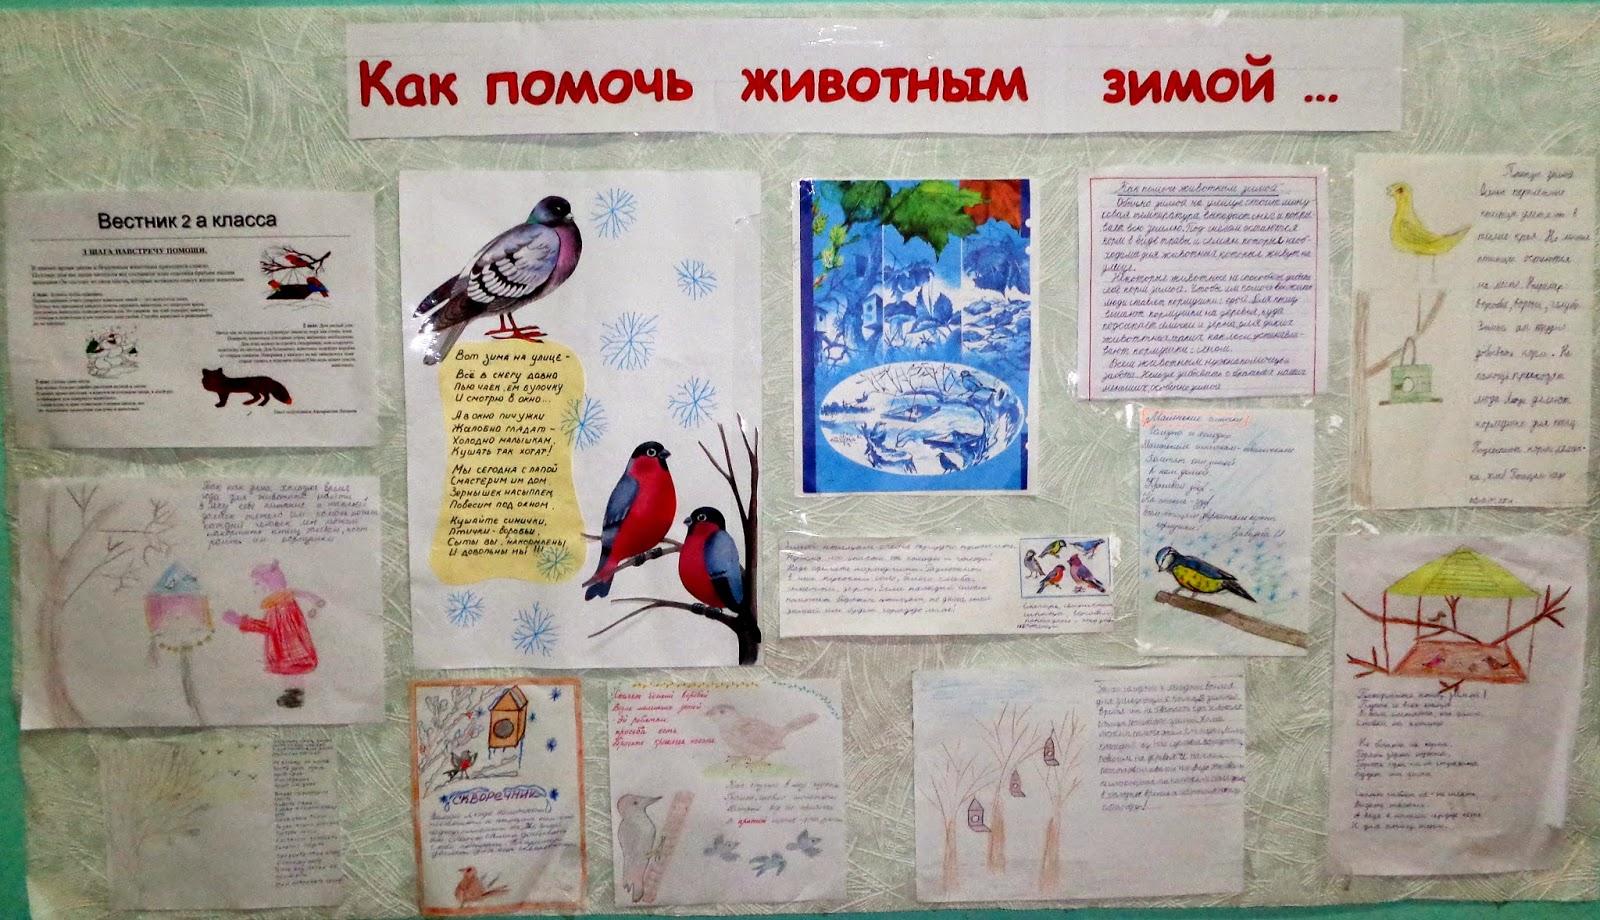 Сочинение заметка в газету 7 класс о животных